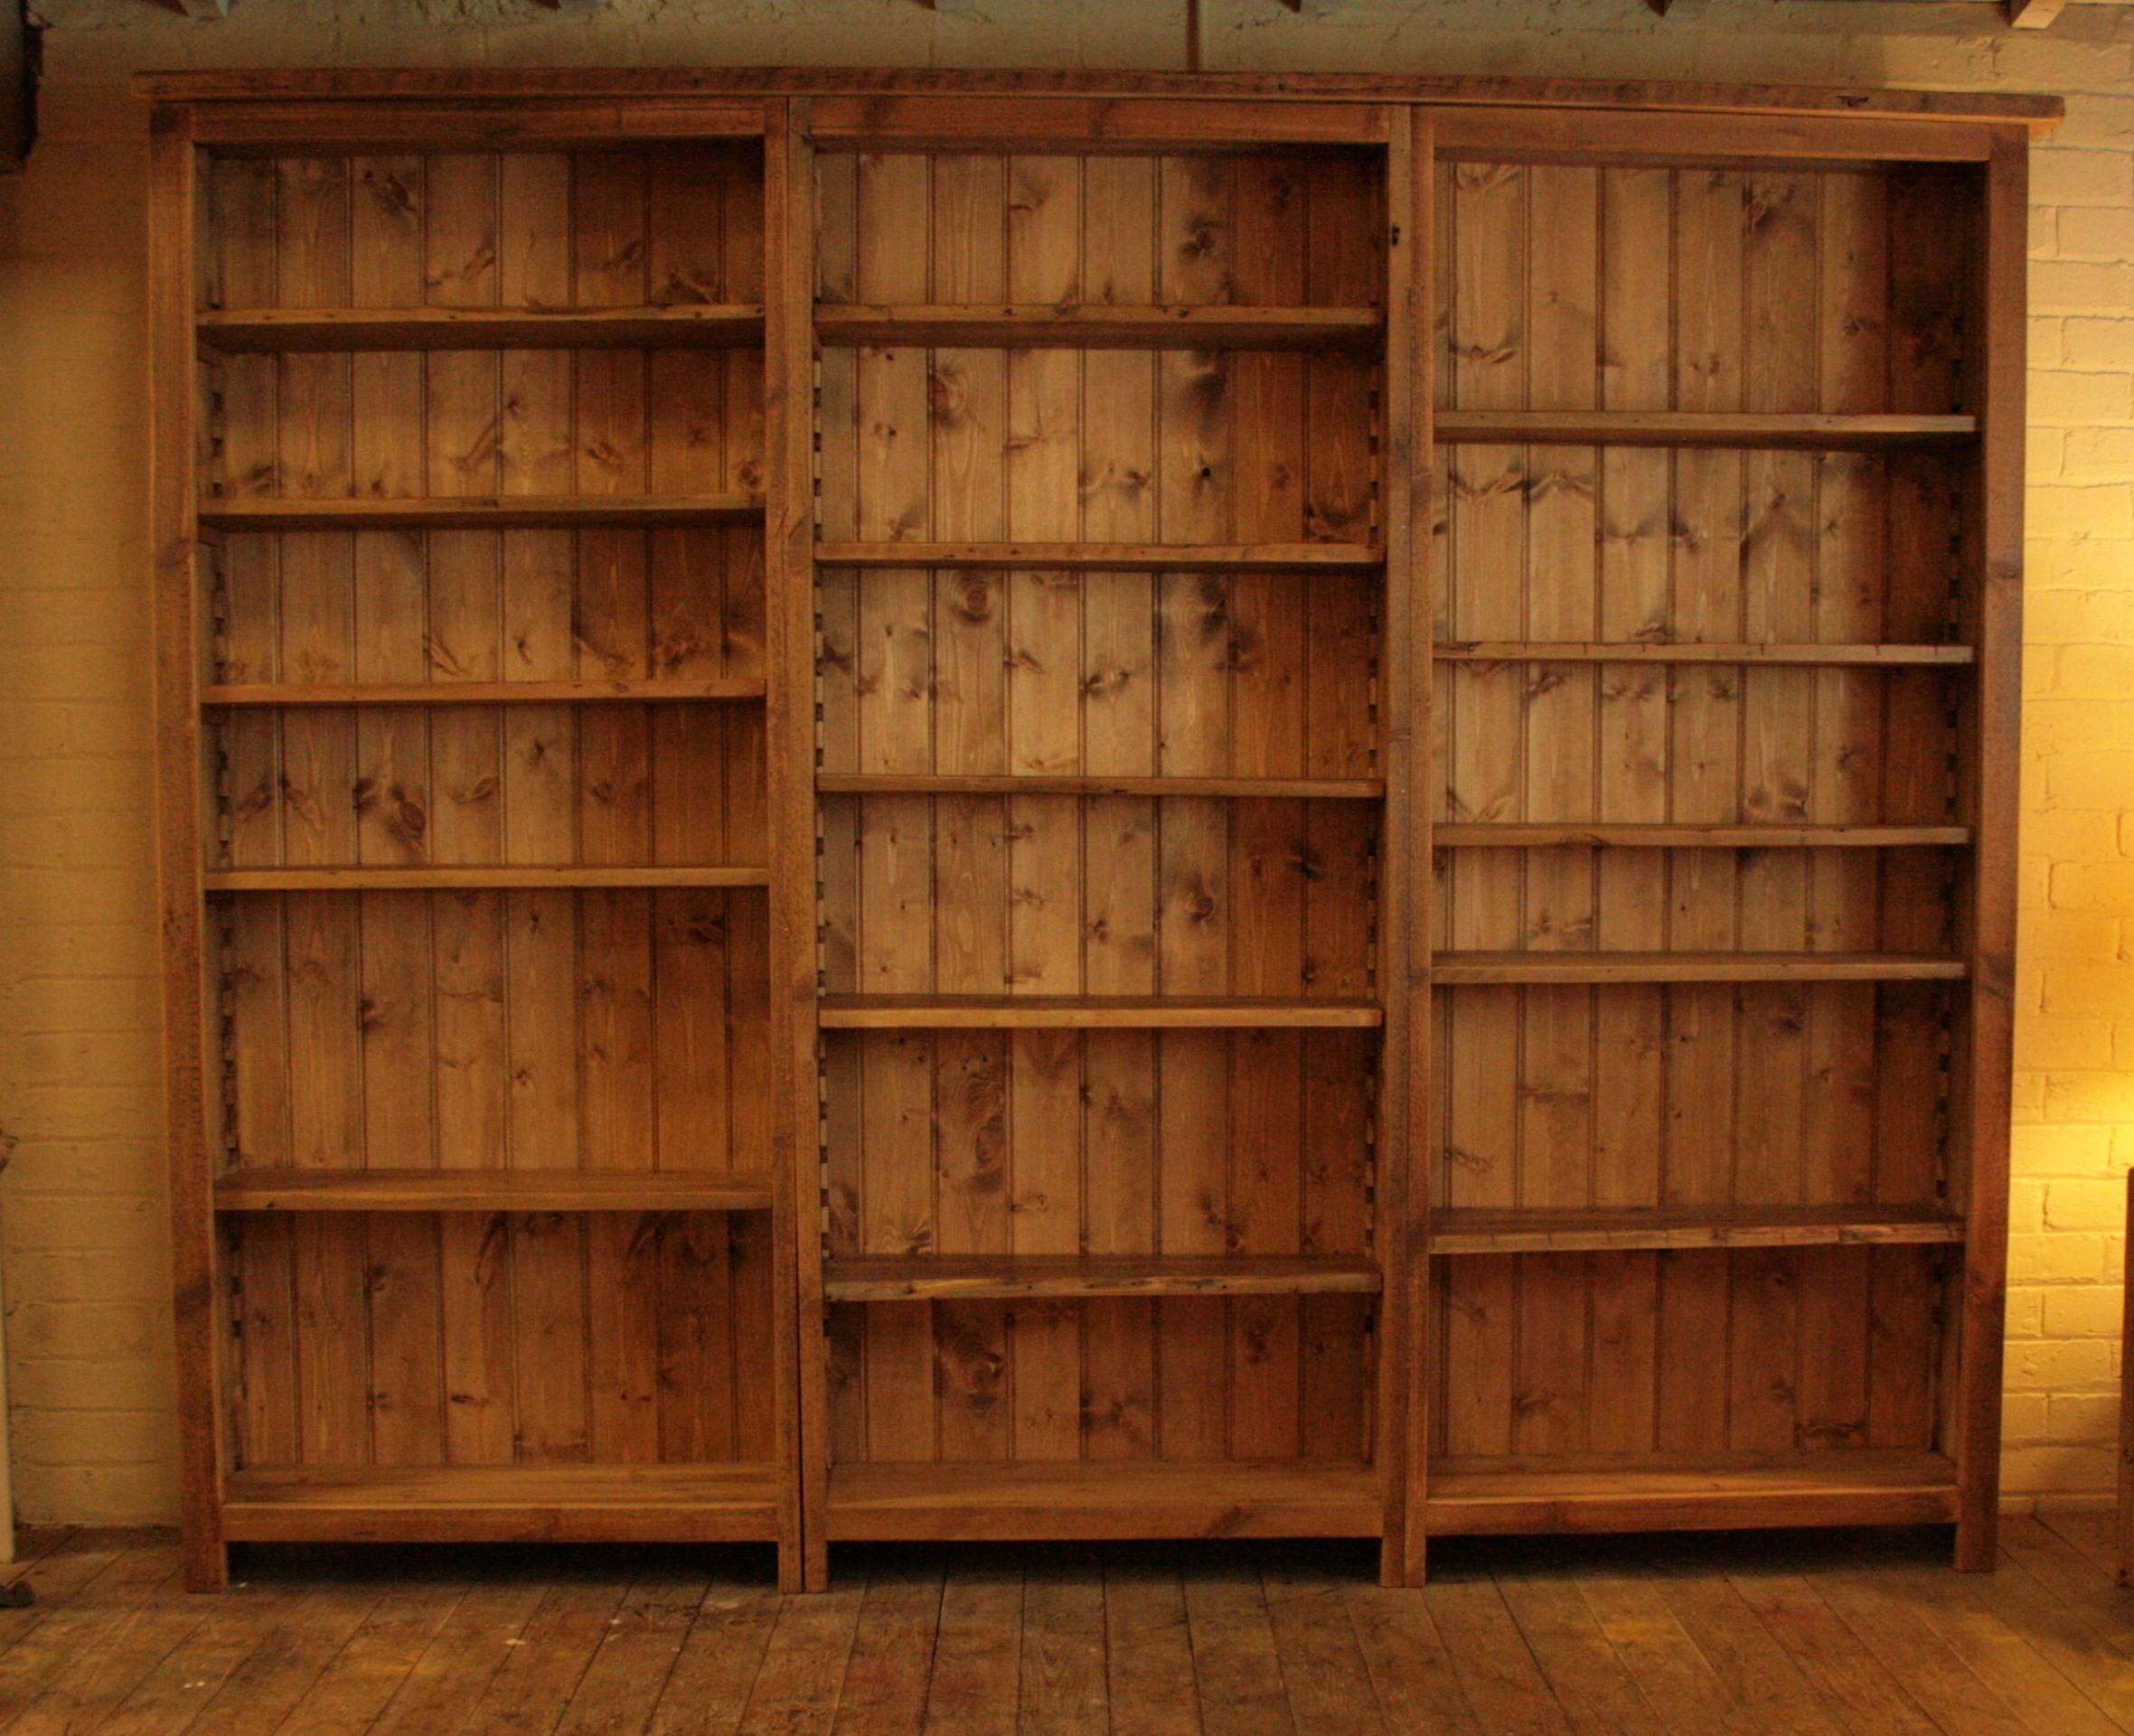 Bookshelf Desktop Wallpaper – WallpaperSafari